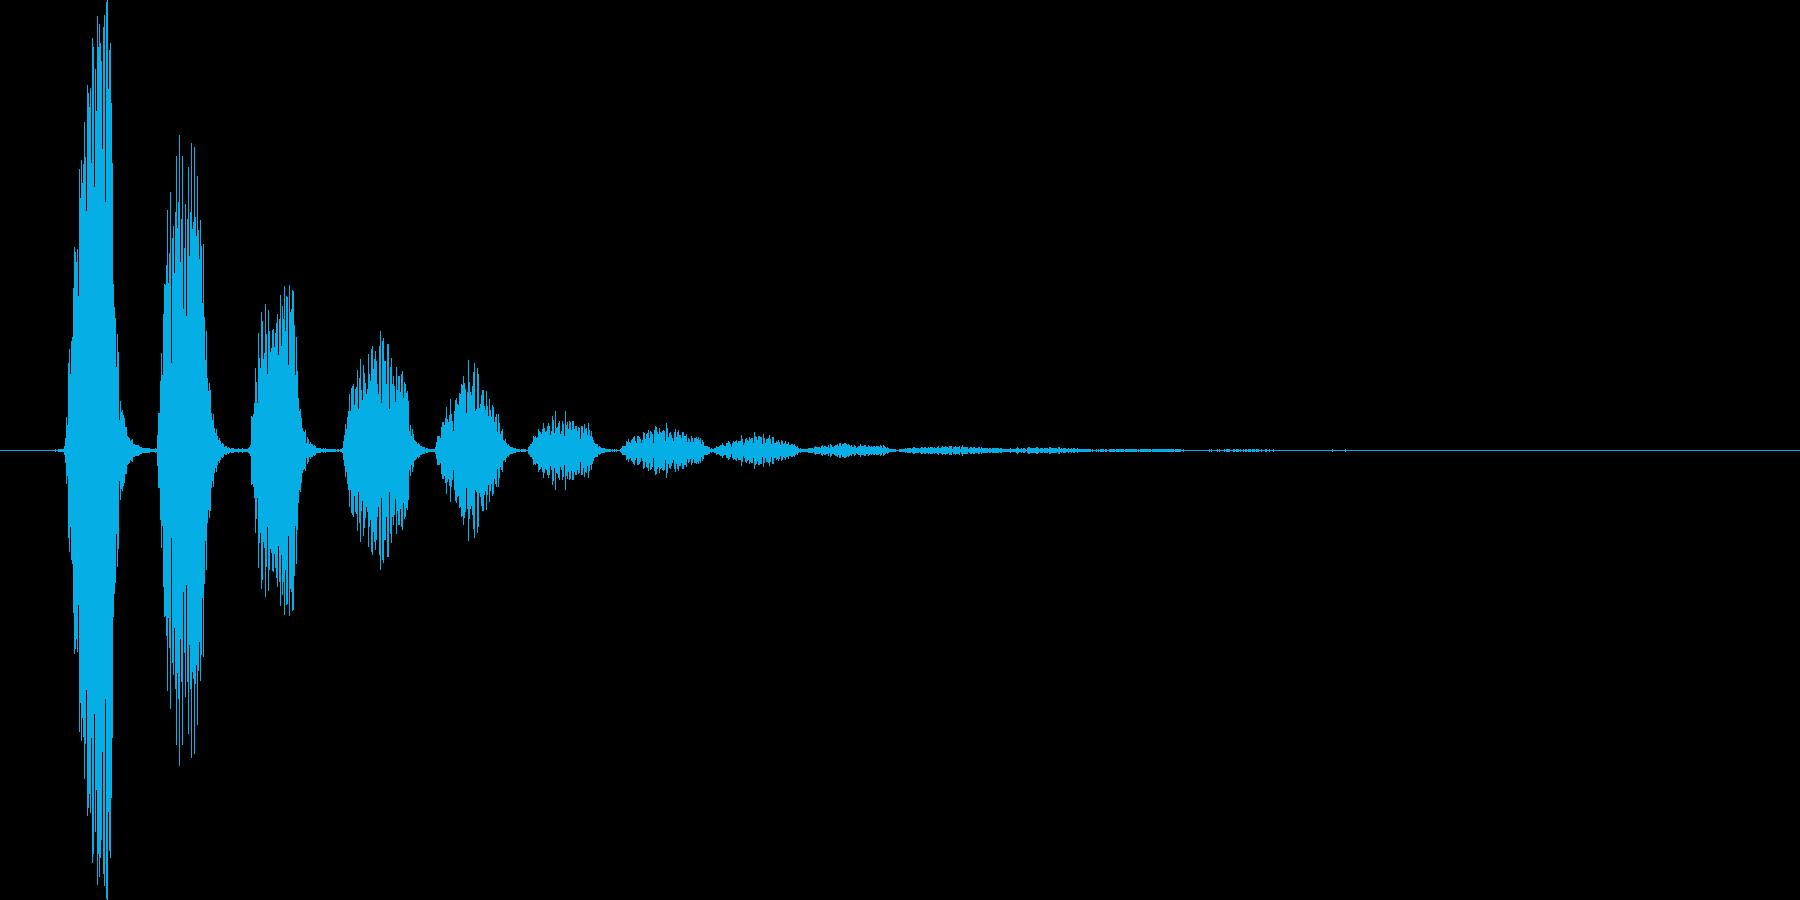 ピロリロ↓(流れ星、キラキラ、下降系)の再生済みの波形